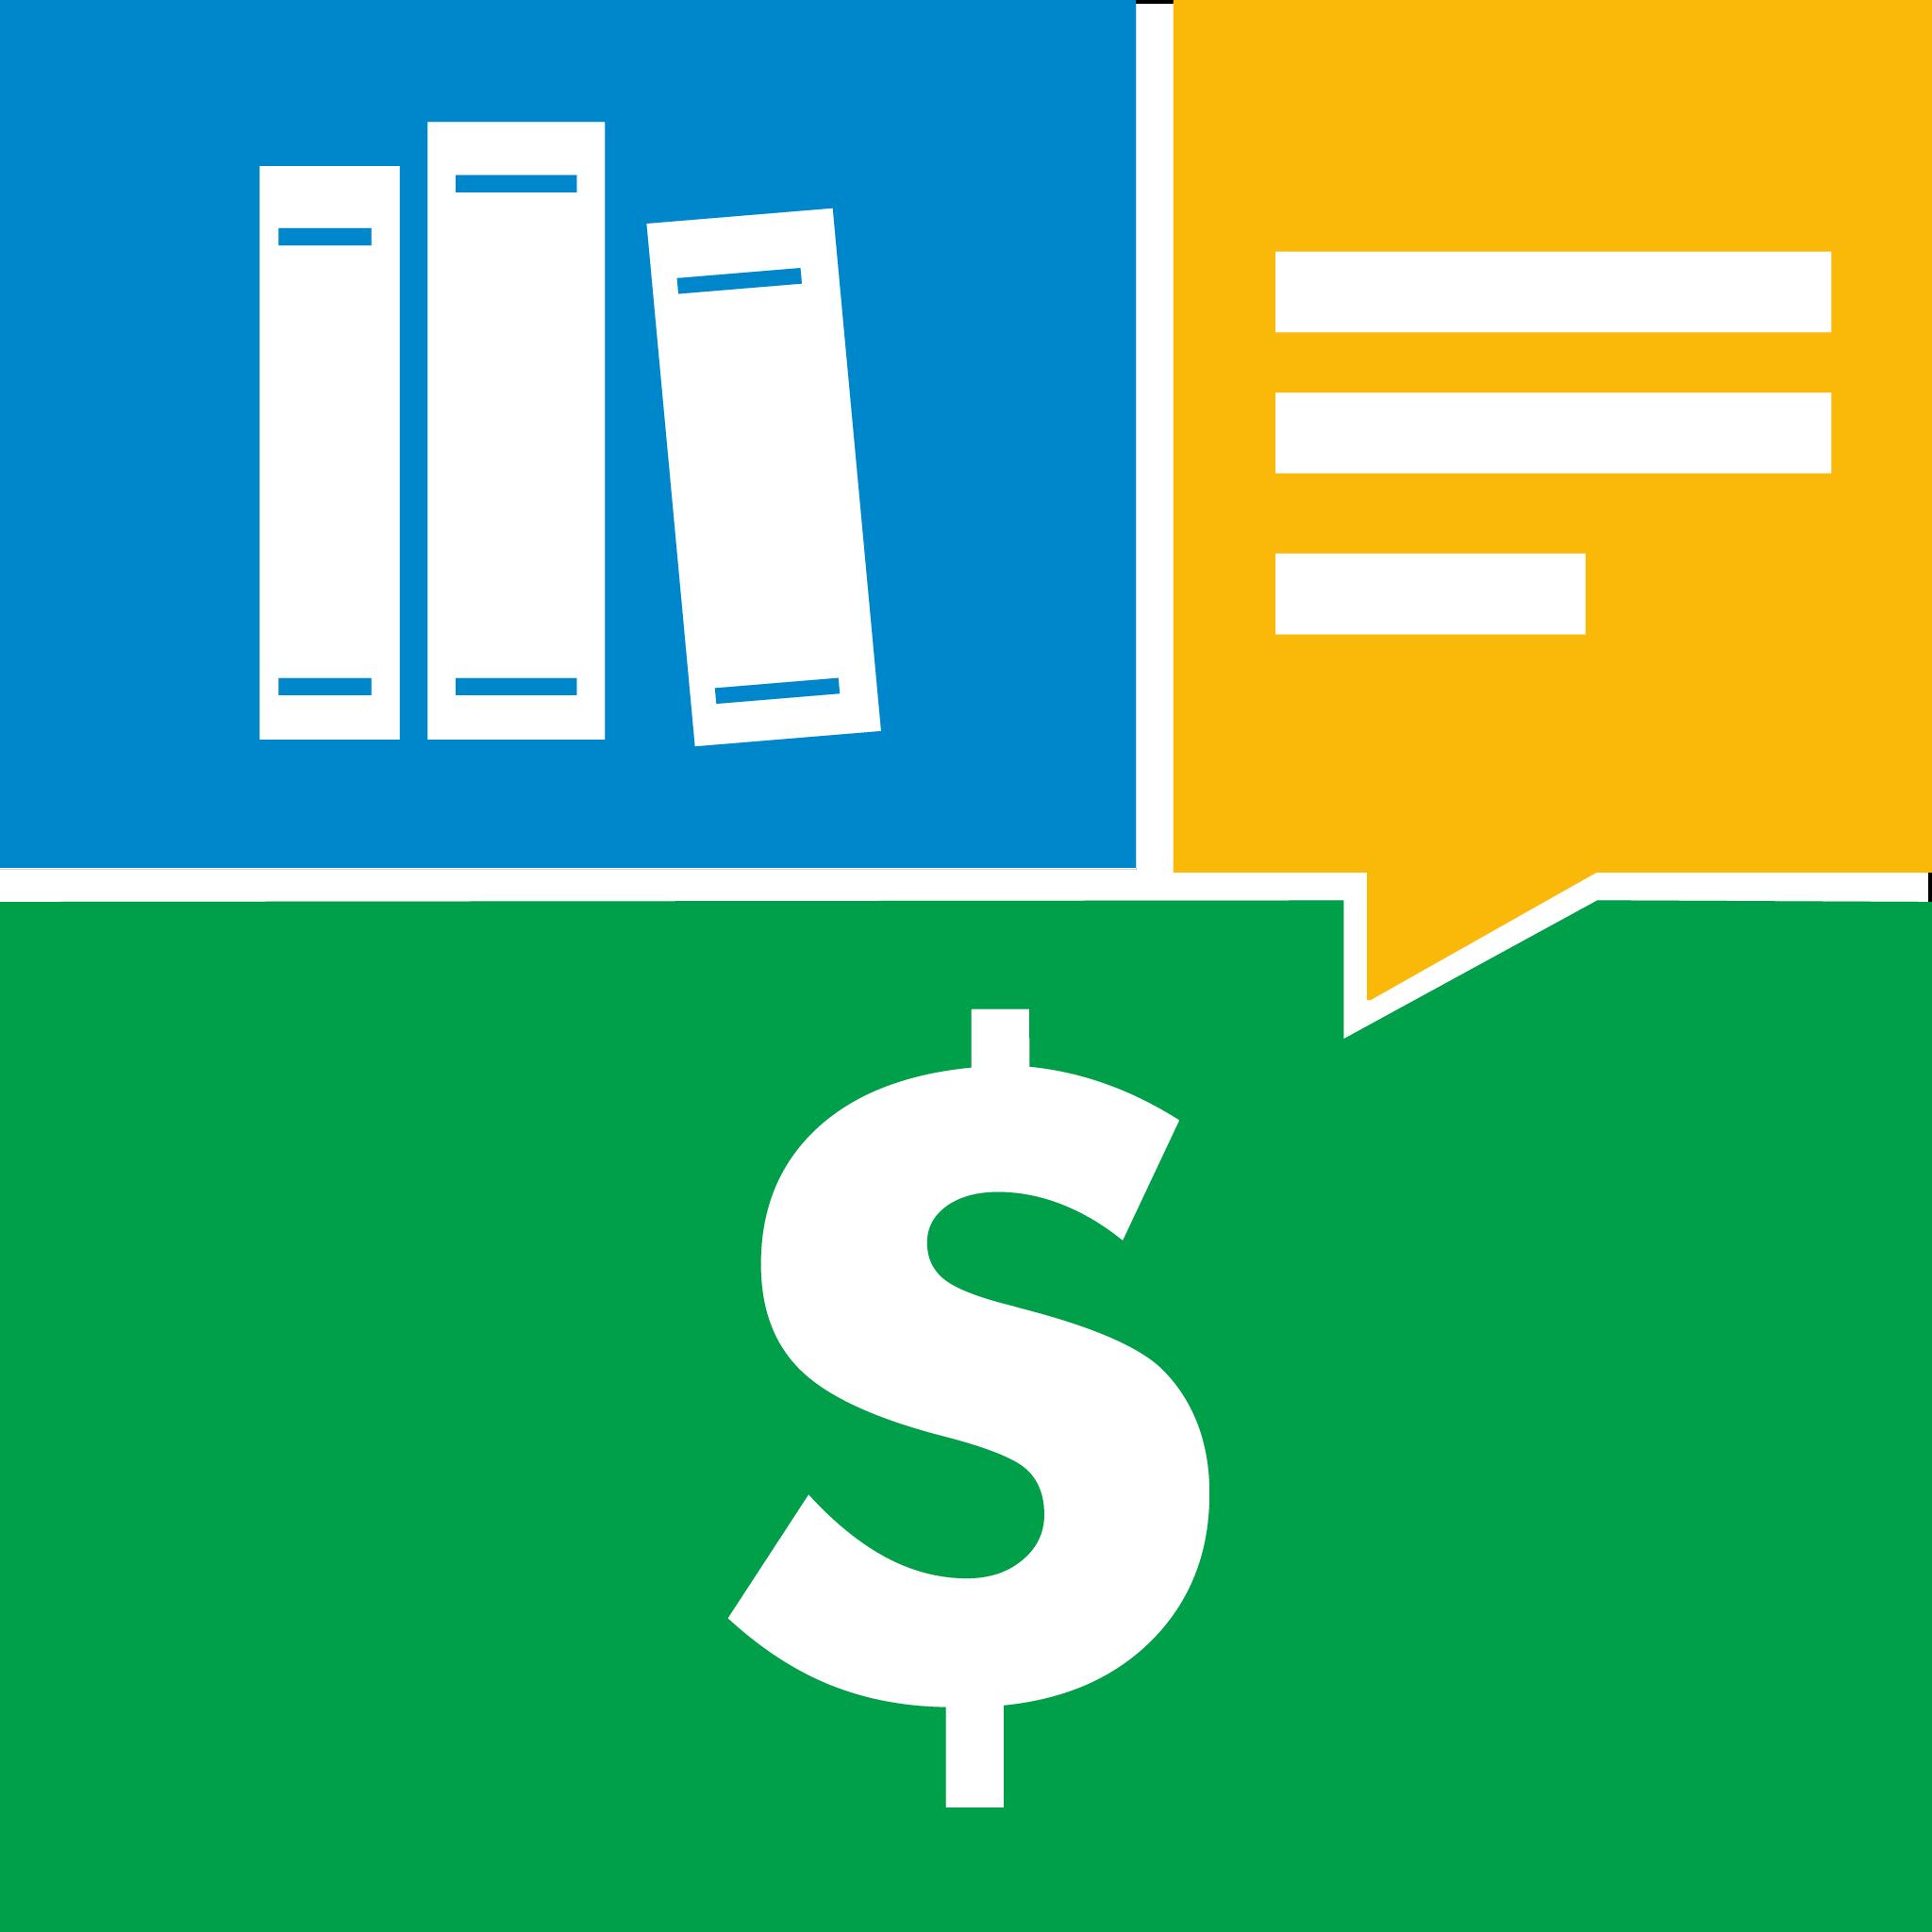 Mobilis - aplicativos finanças pessoais